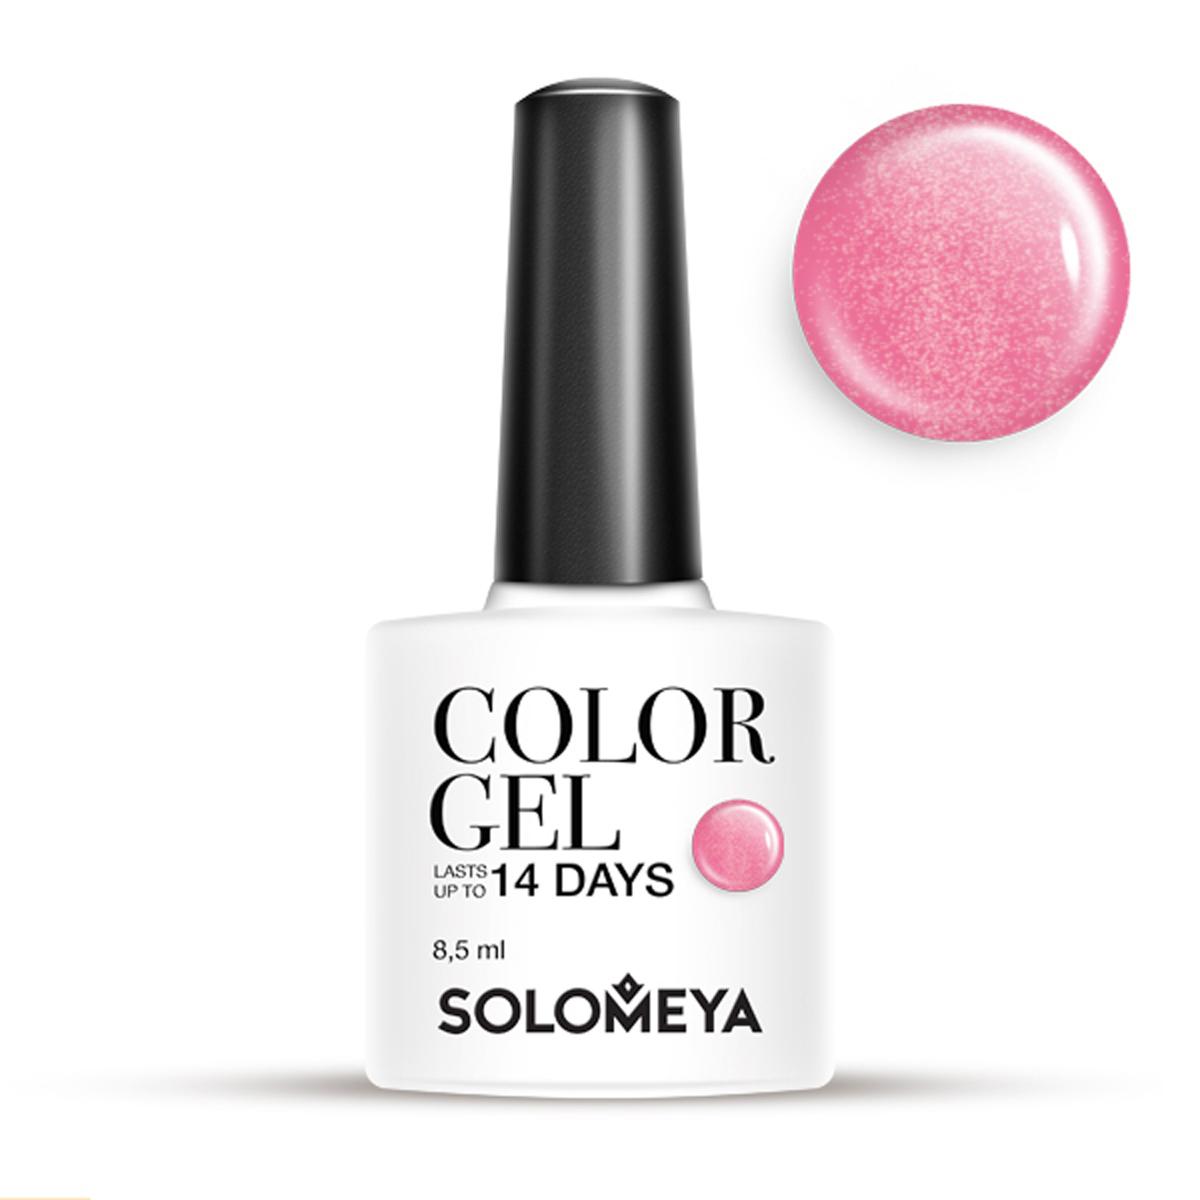 SOLOMEYA Гель-лак для ногтей SCG097 Розовый / Color Gel Rosе 8,5мл